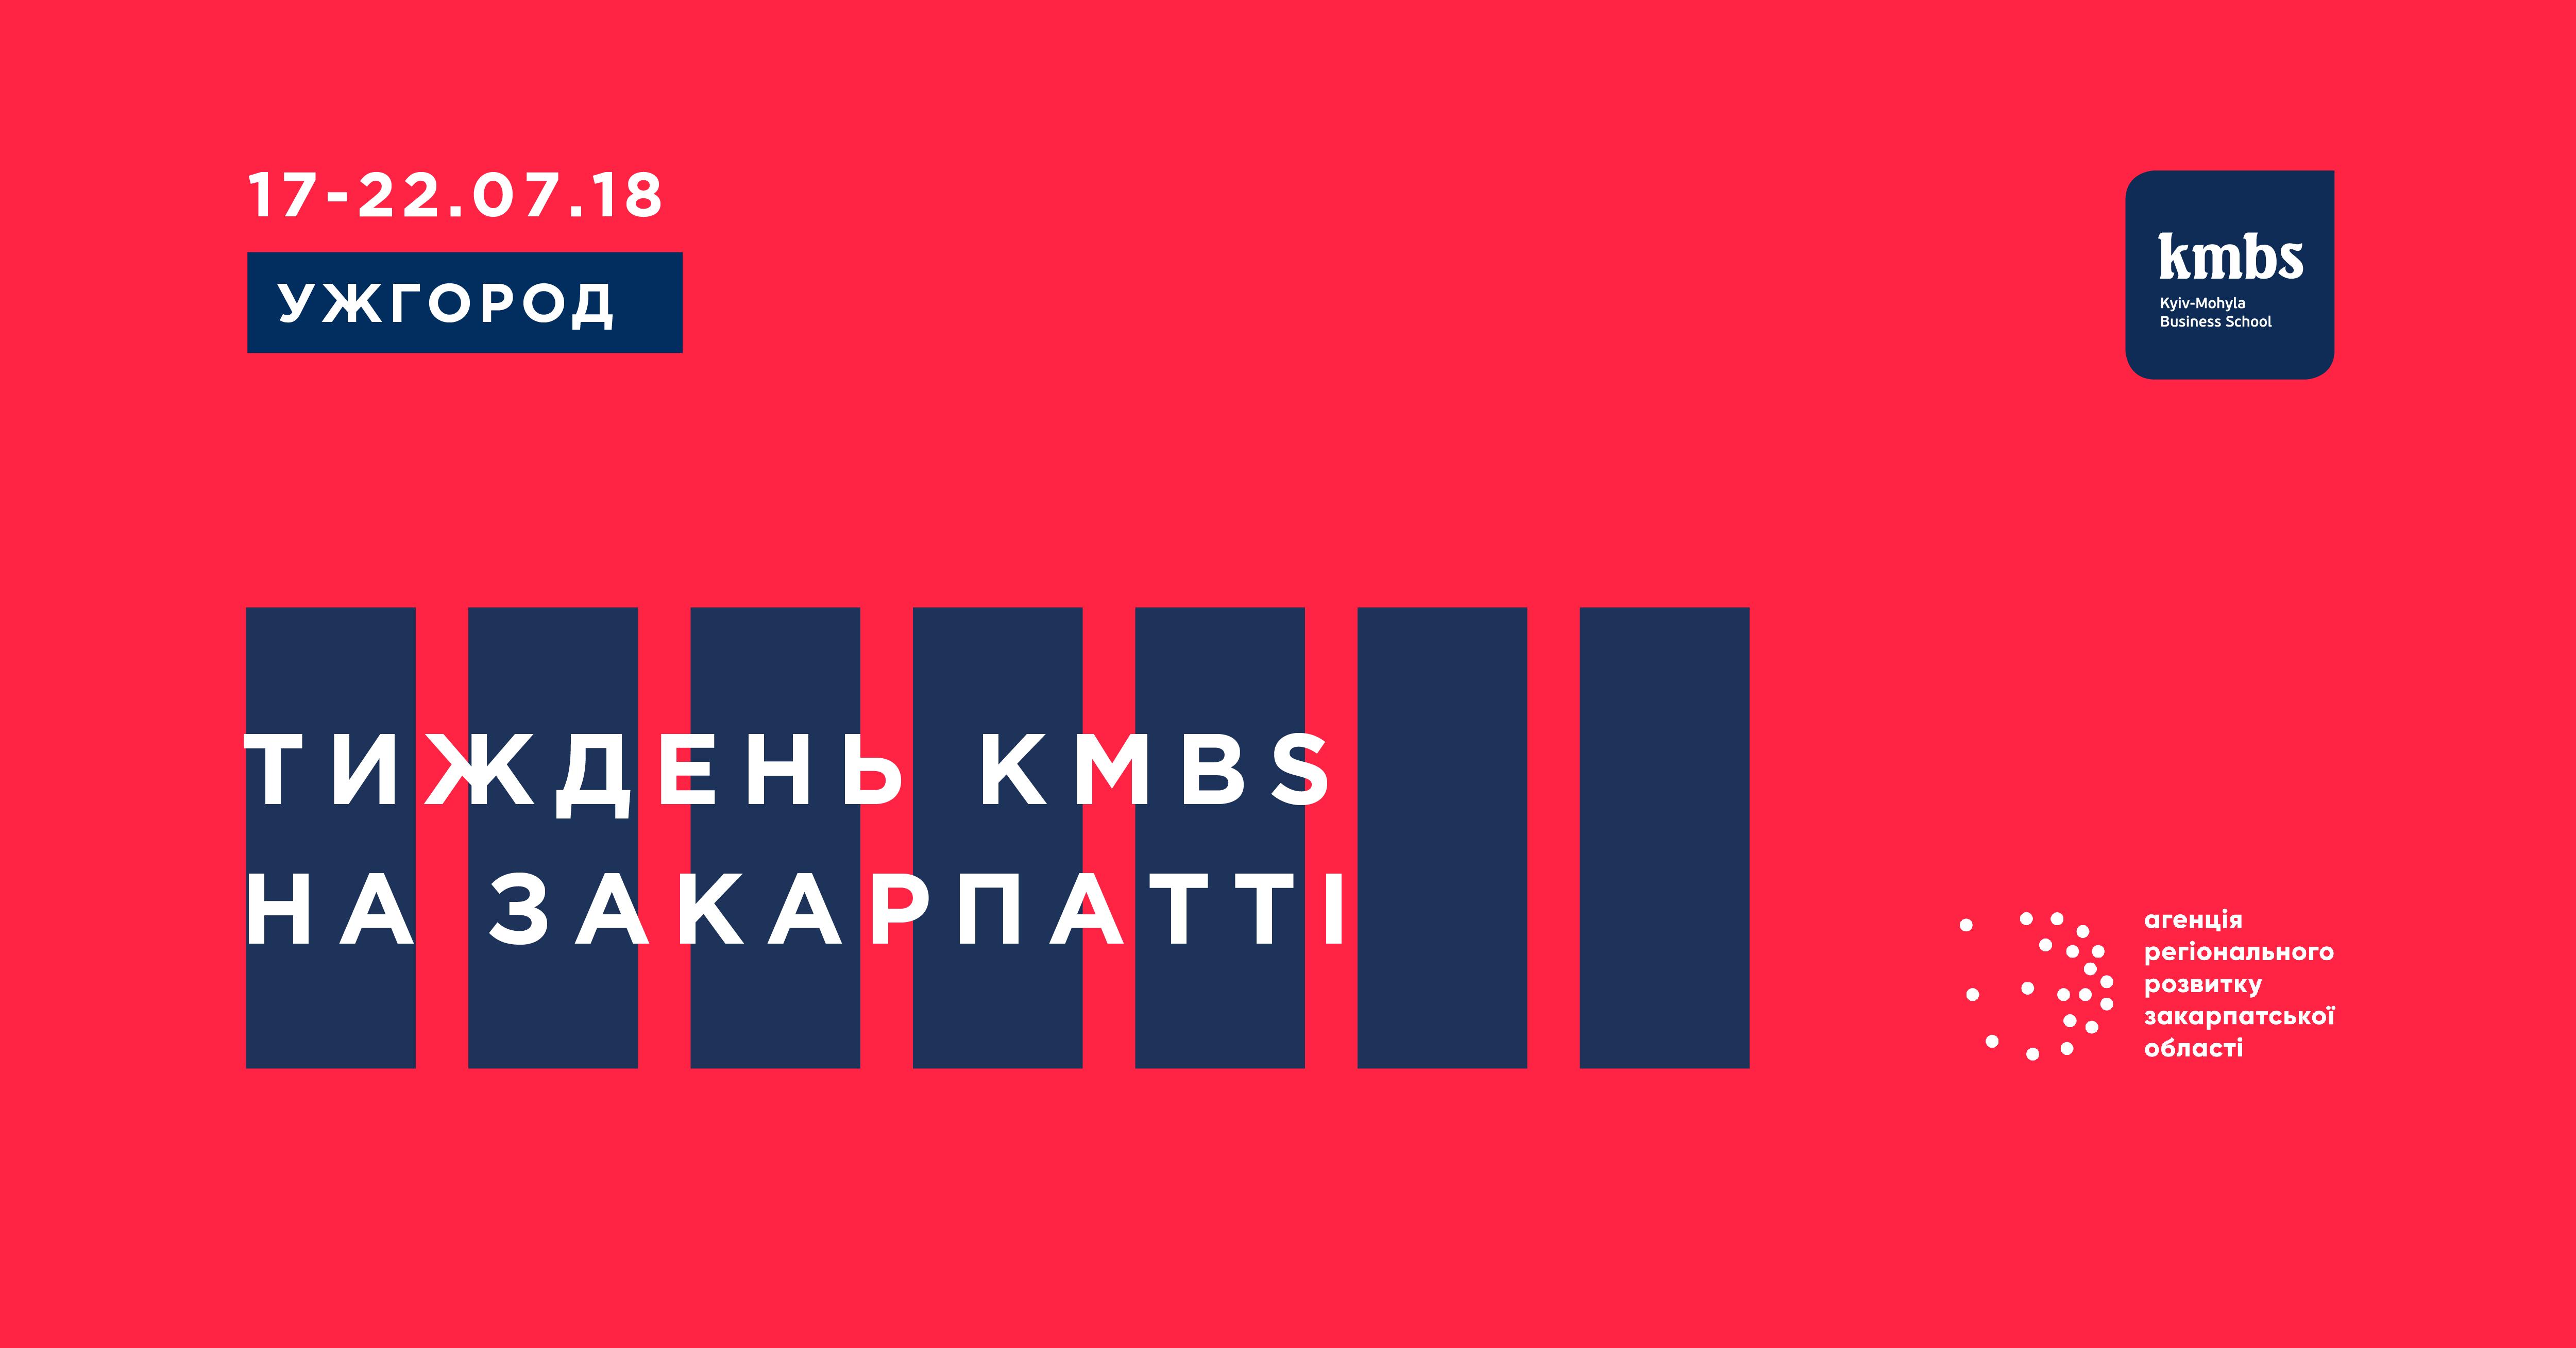 Закарпаття збирає кращих бізнесменів Західної України на навчання